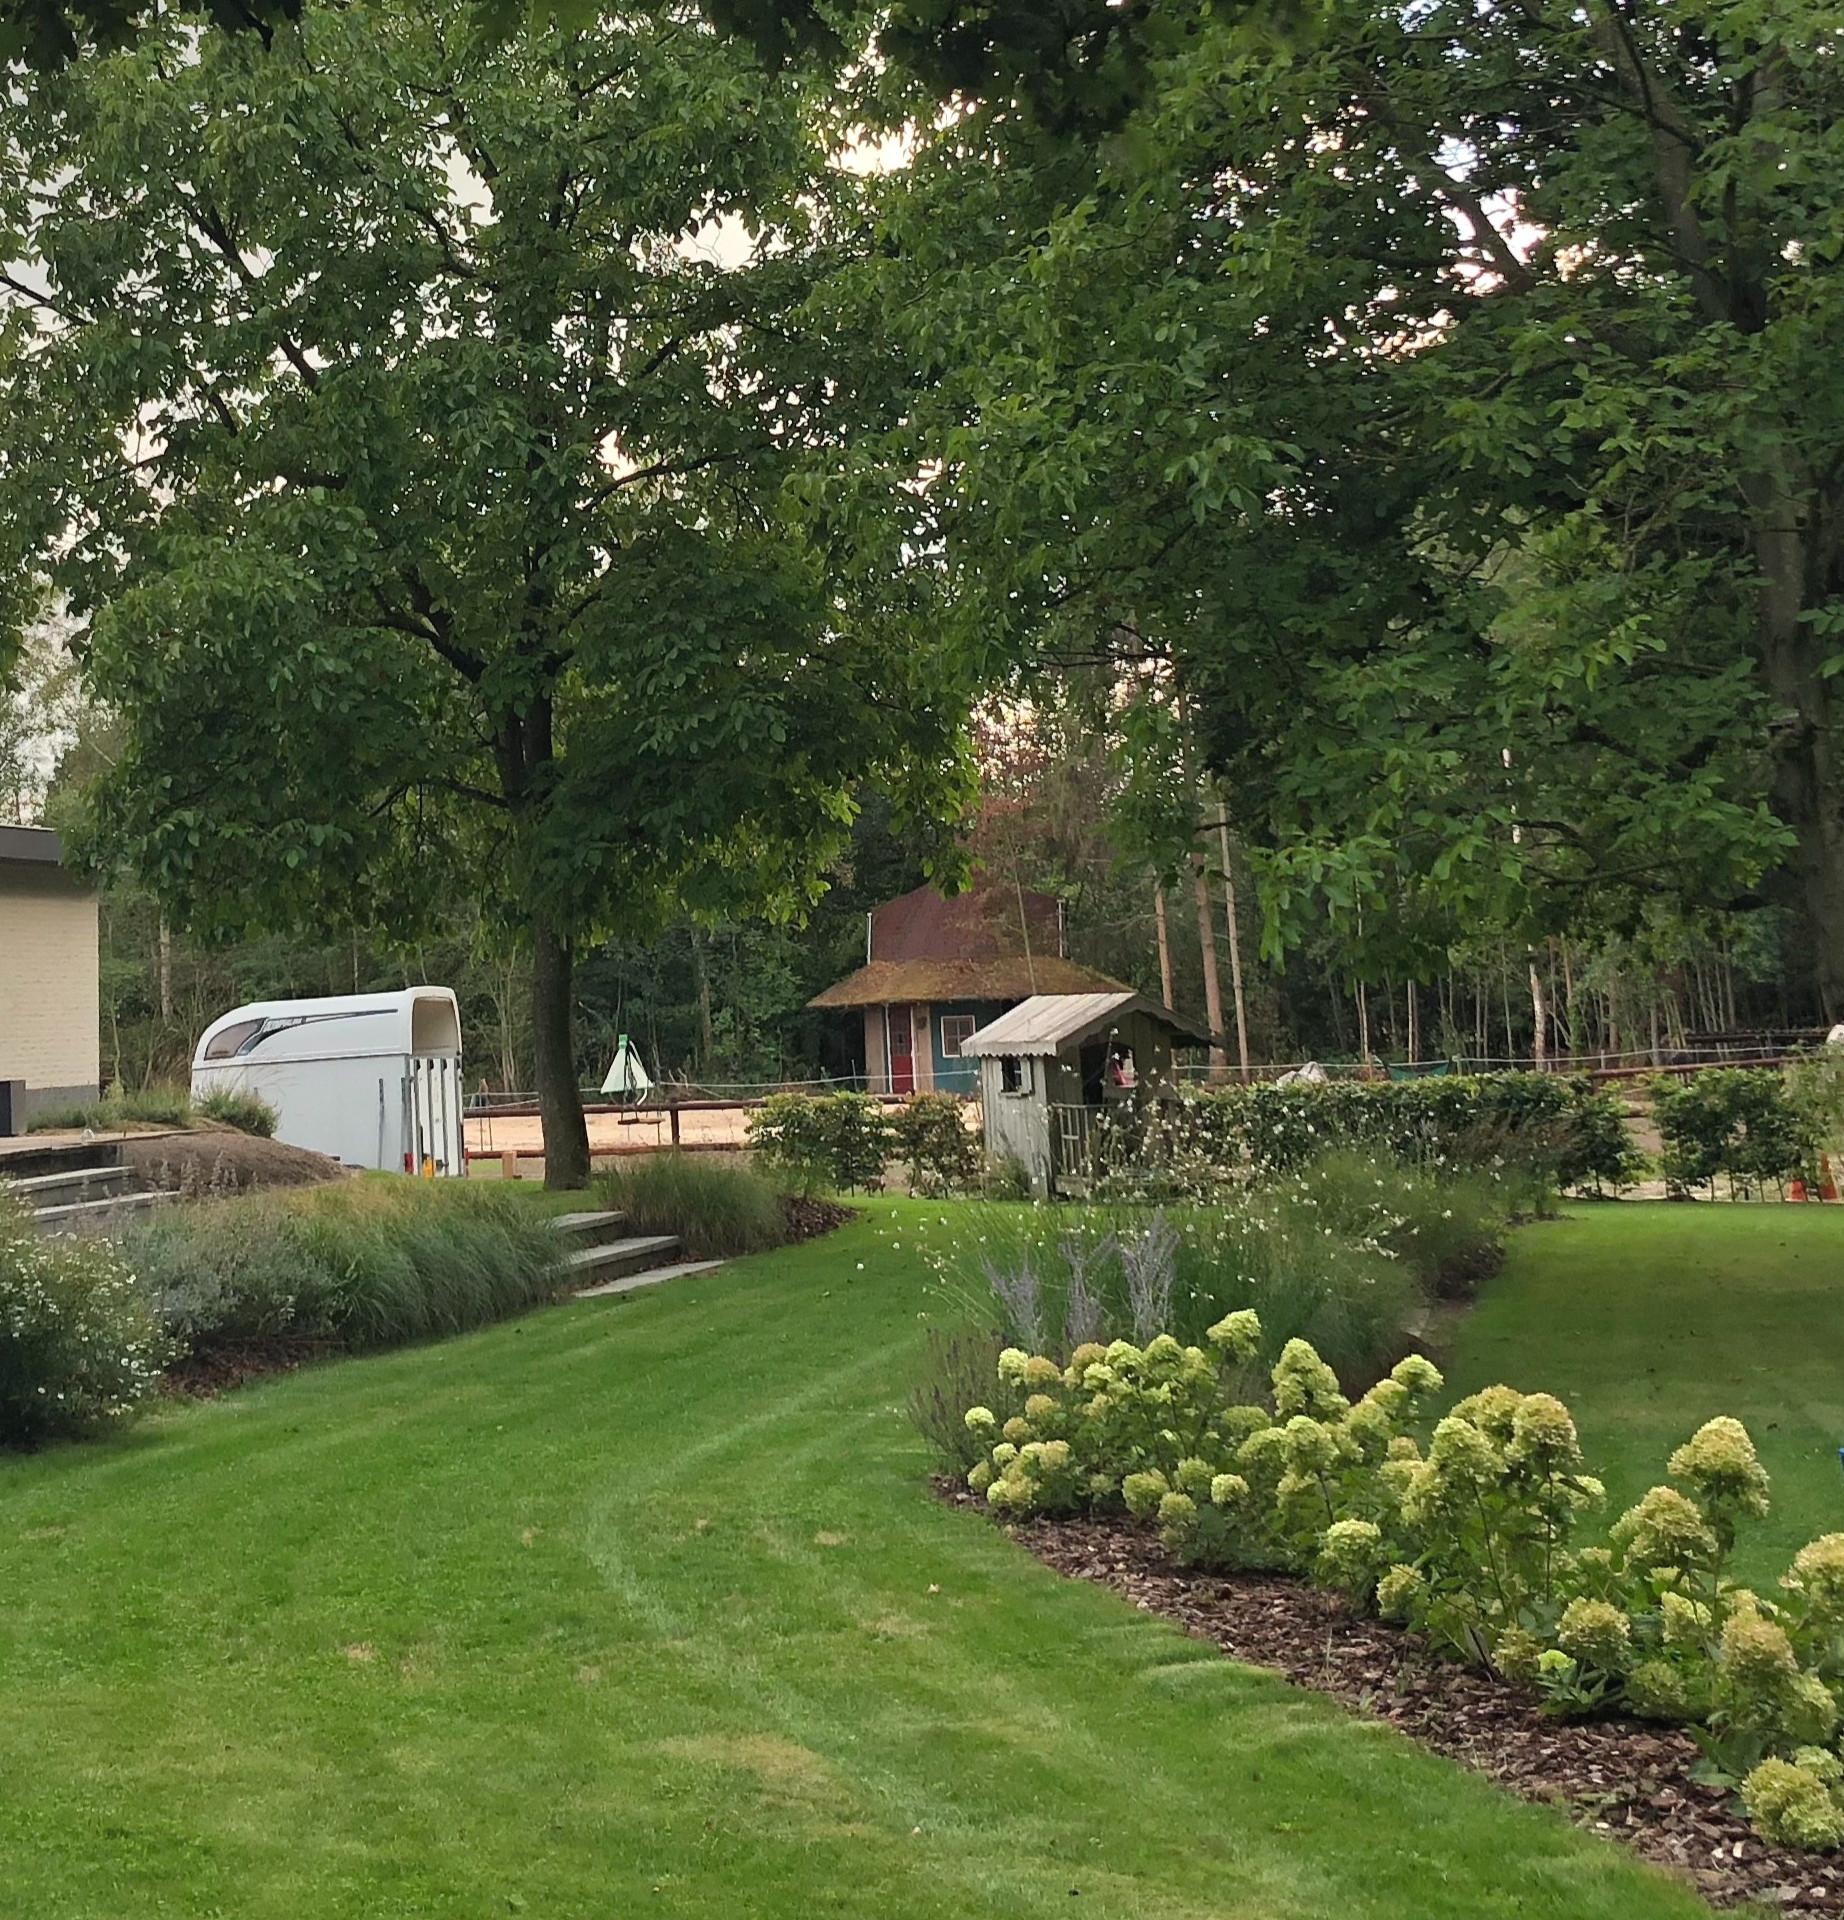 De landschappelijke tuin  |  Zuiddorpe  |  3000 m²